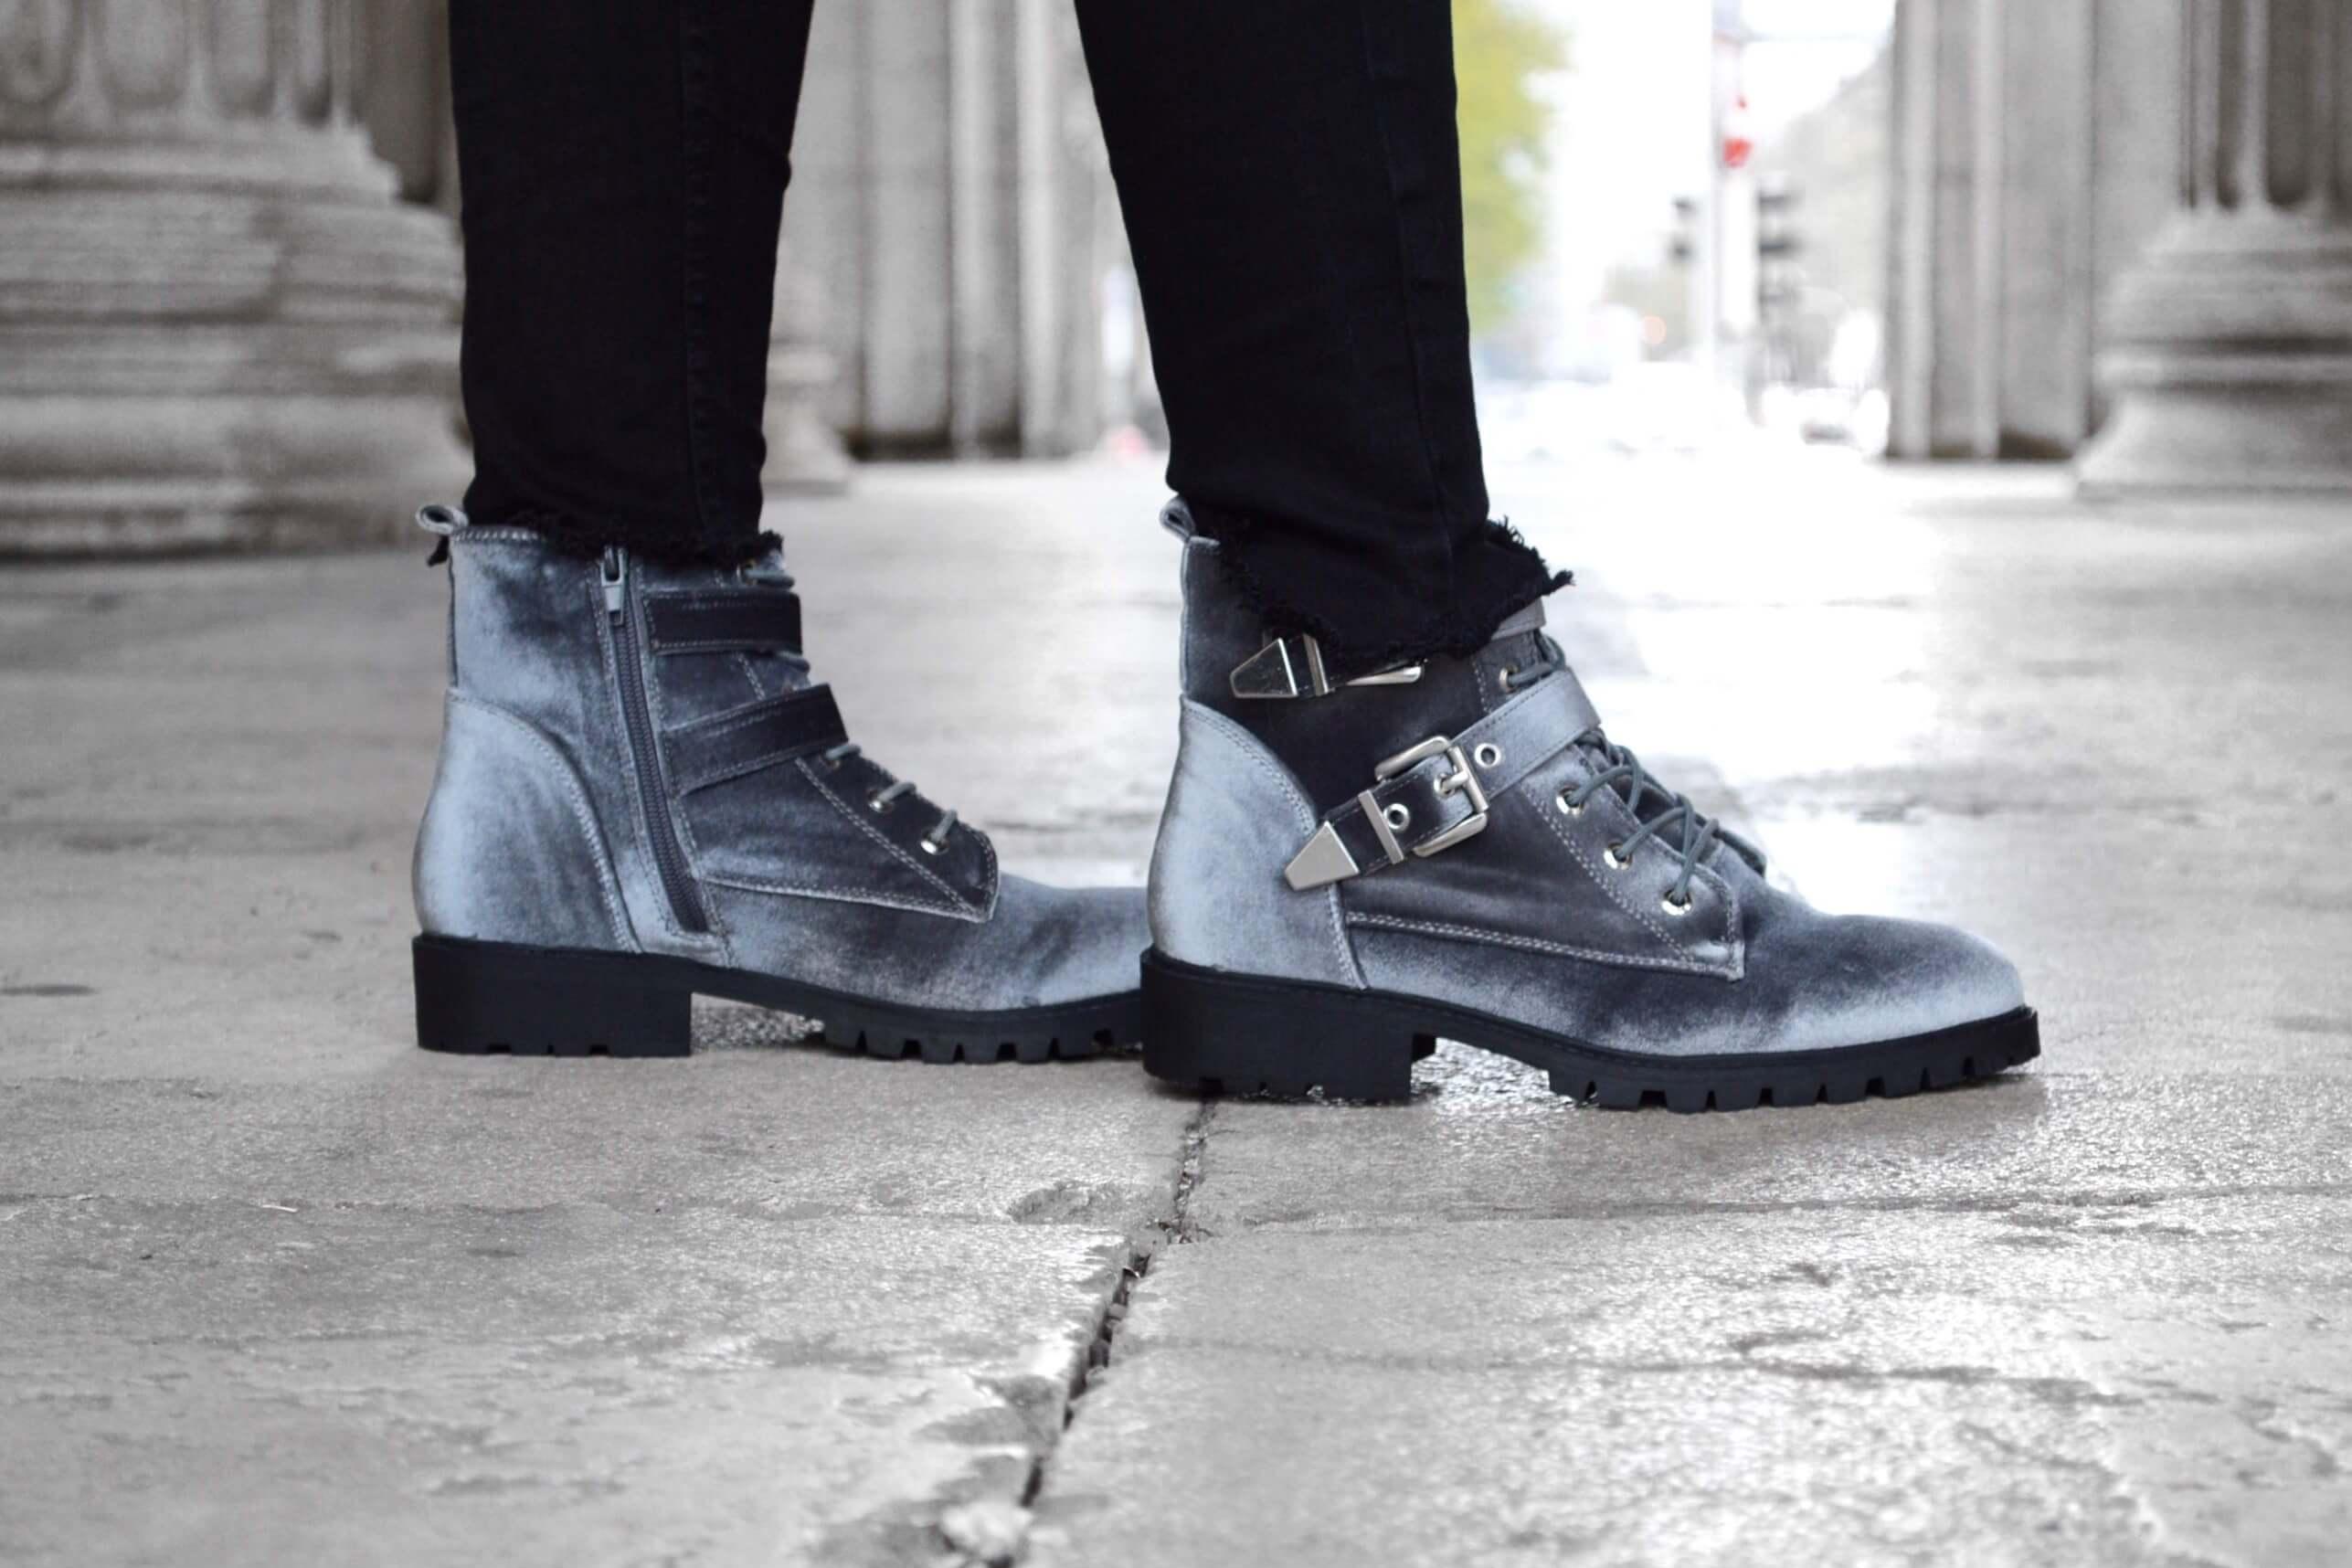 Boots Stiefel Stiefeletten Winter Herbst Samt Schuhe Katefully Fashion Mode Blog München Pullover